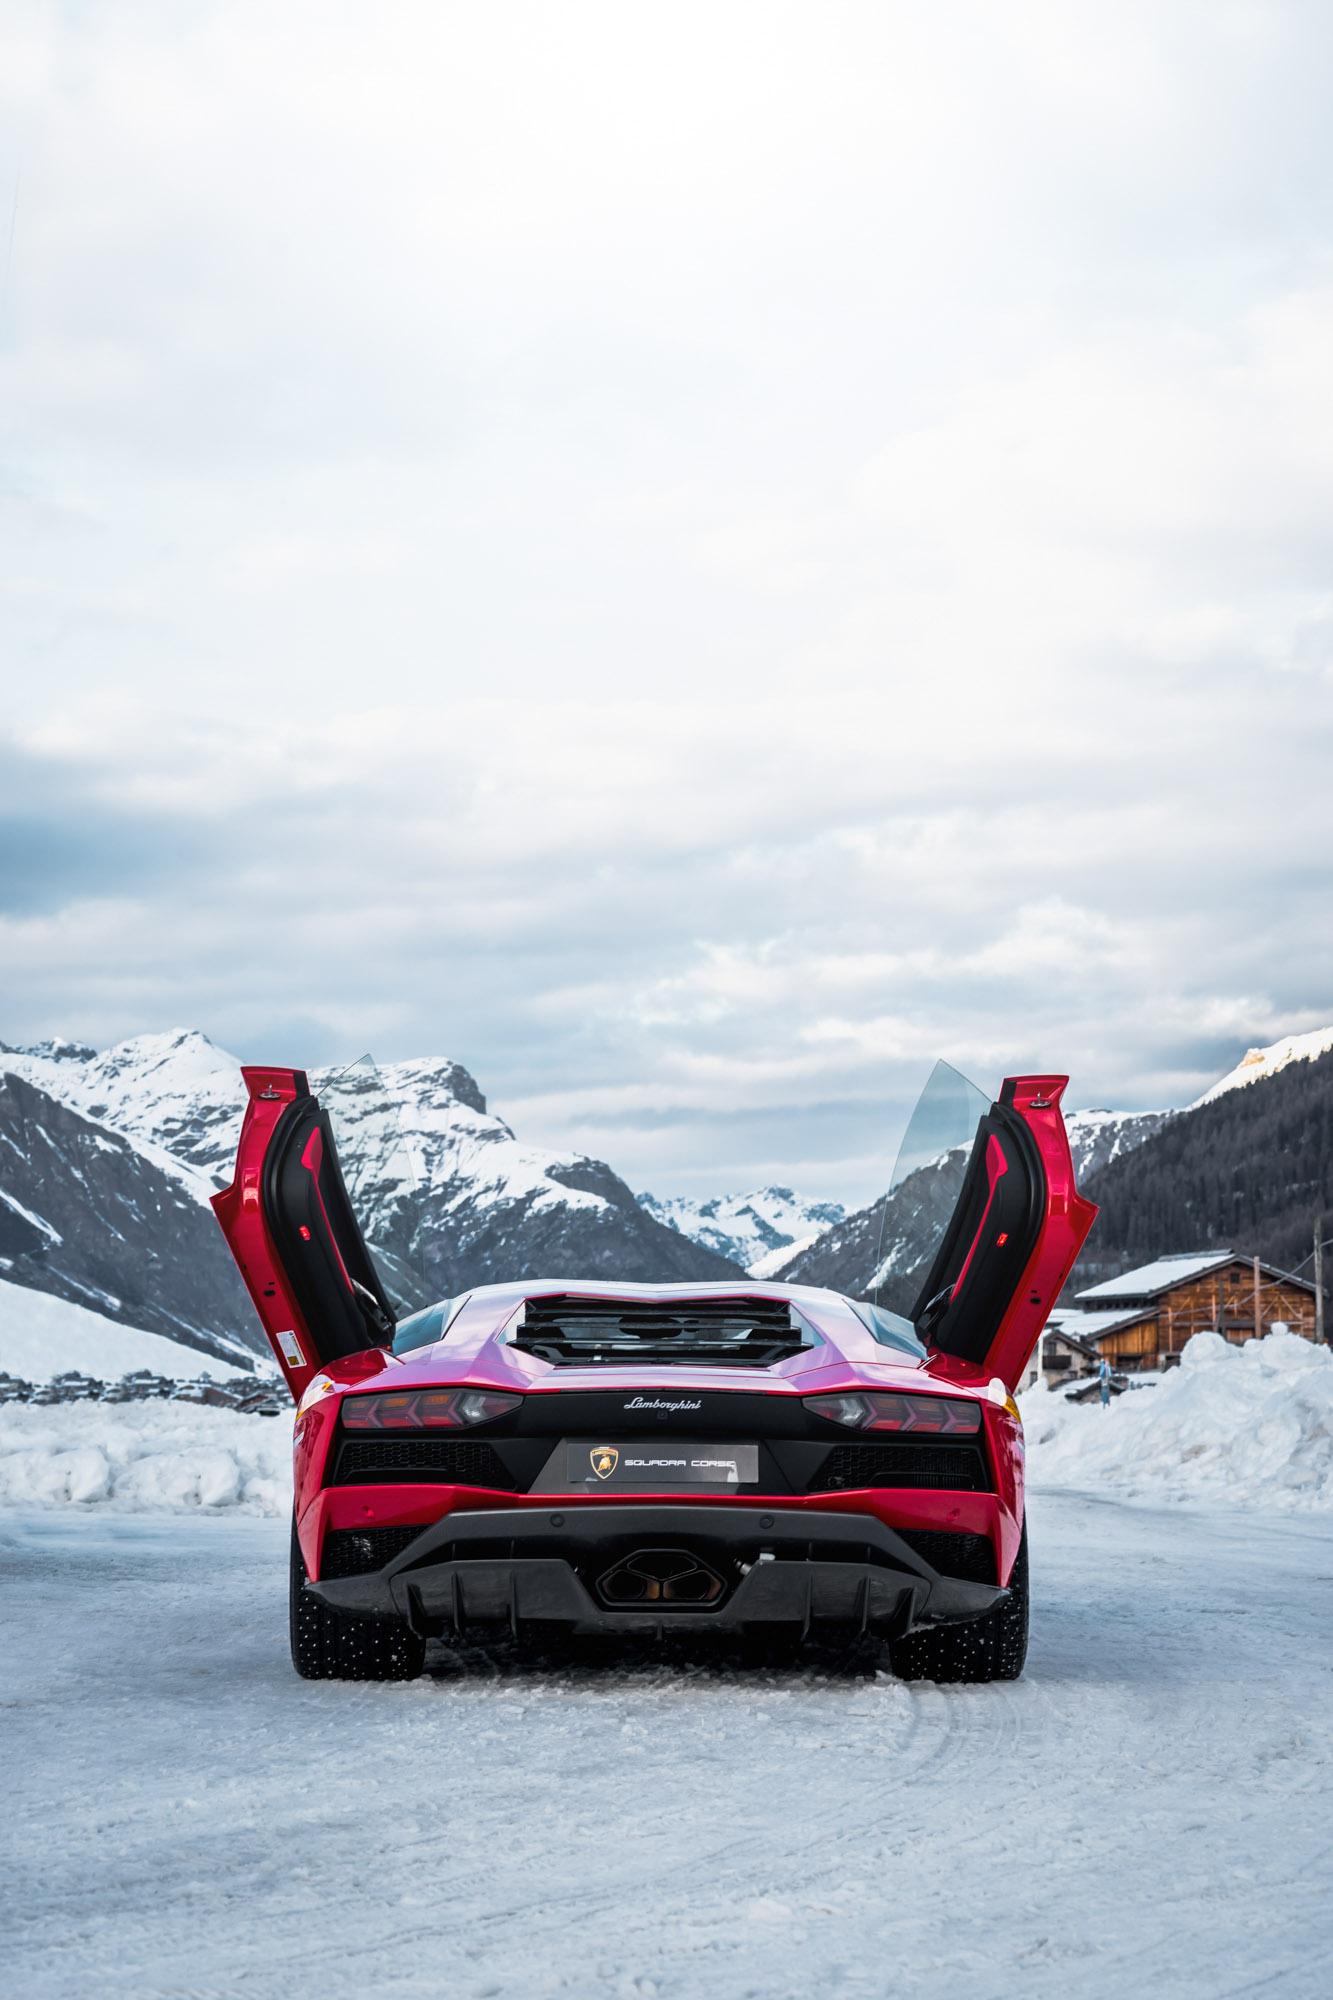 Lamborghini Winter Accademia 06